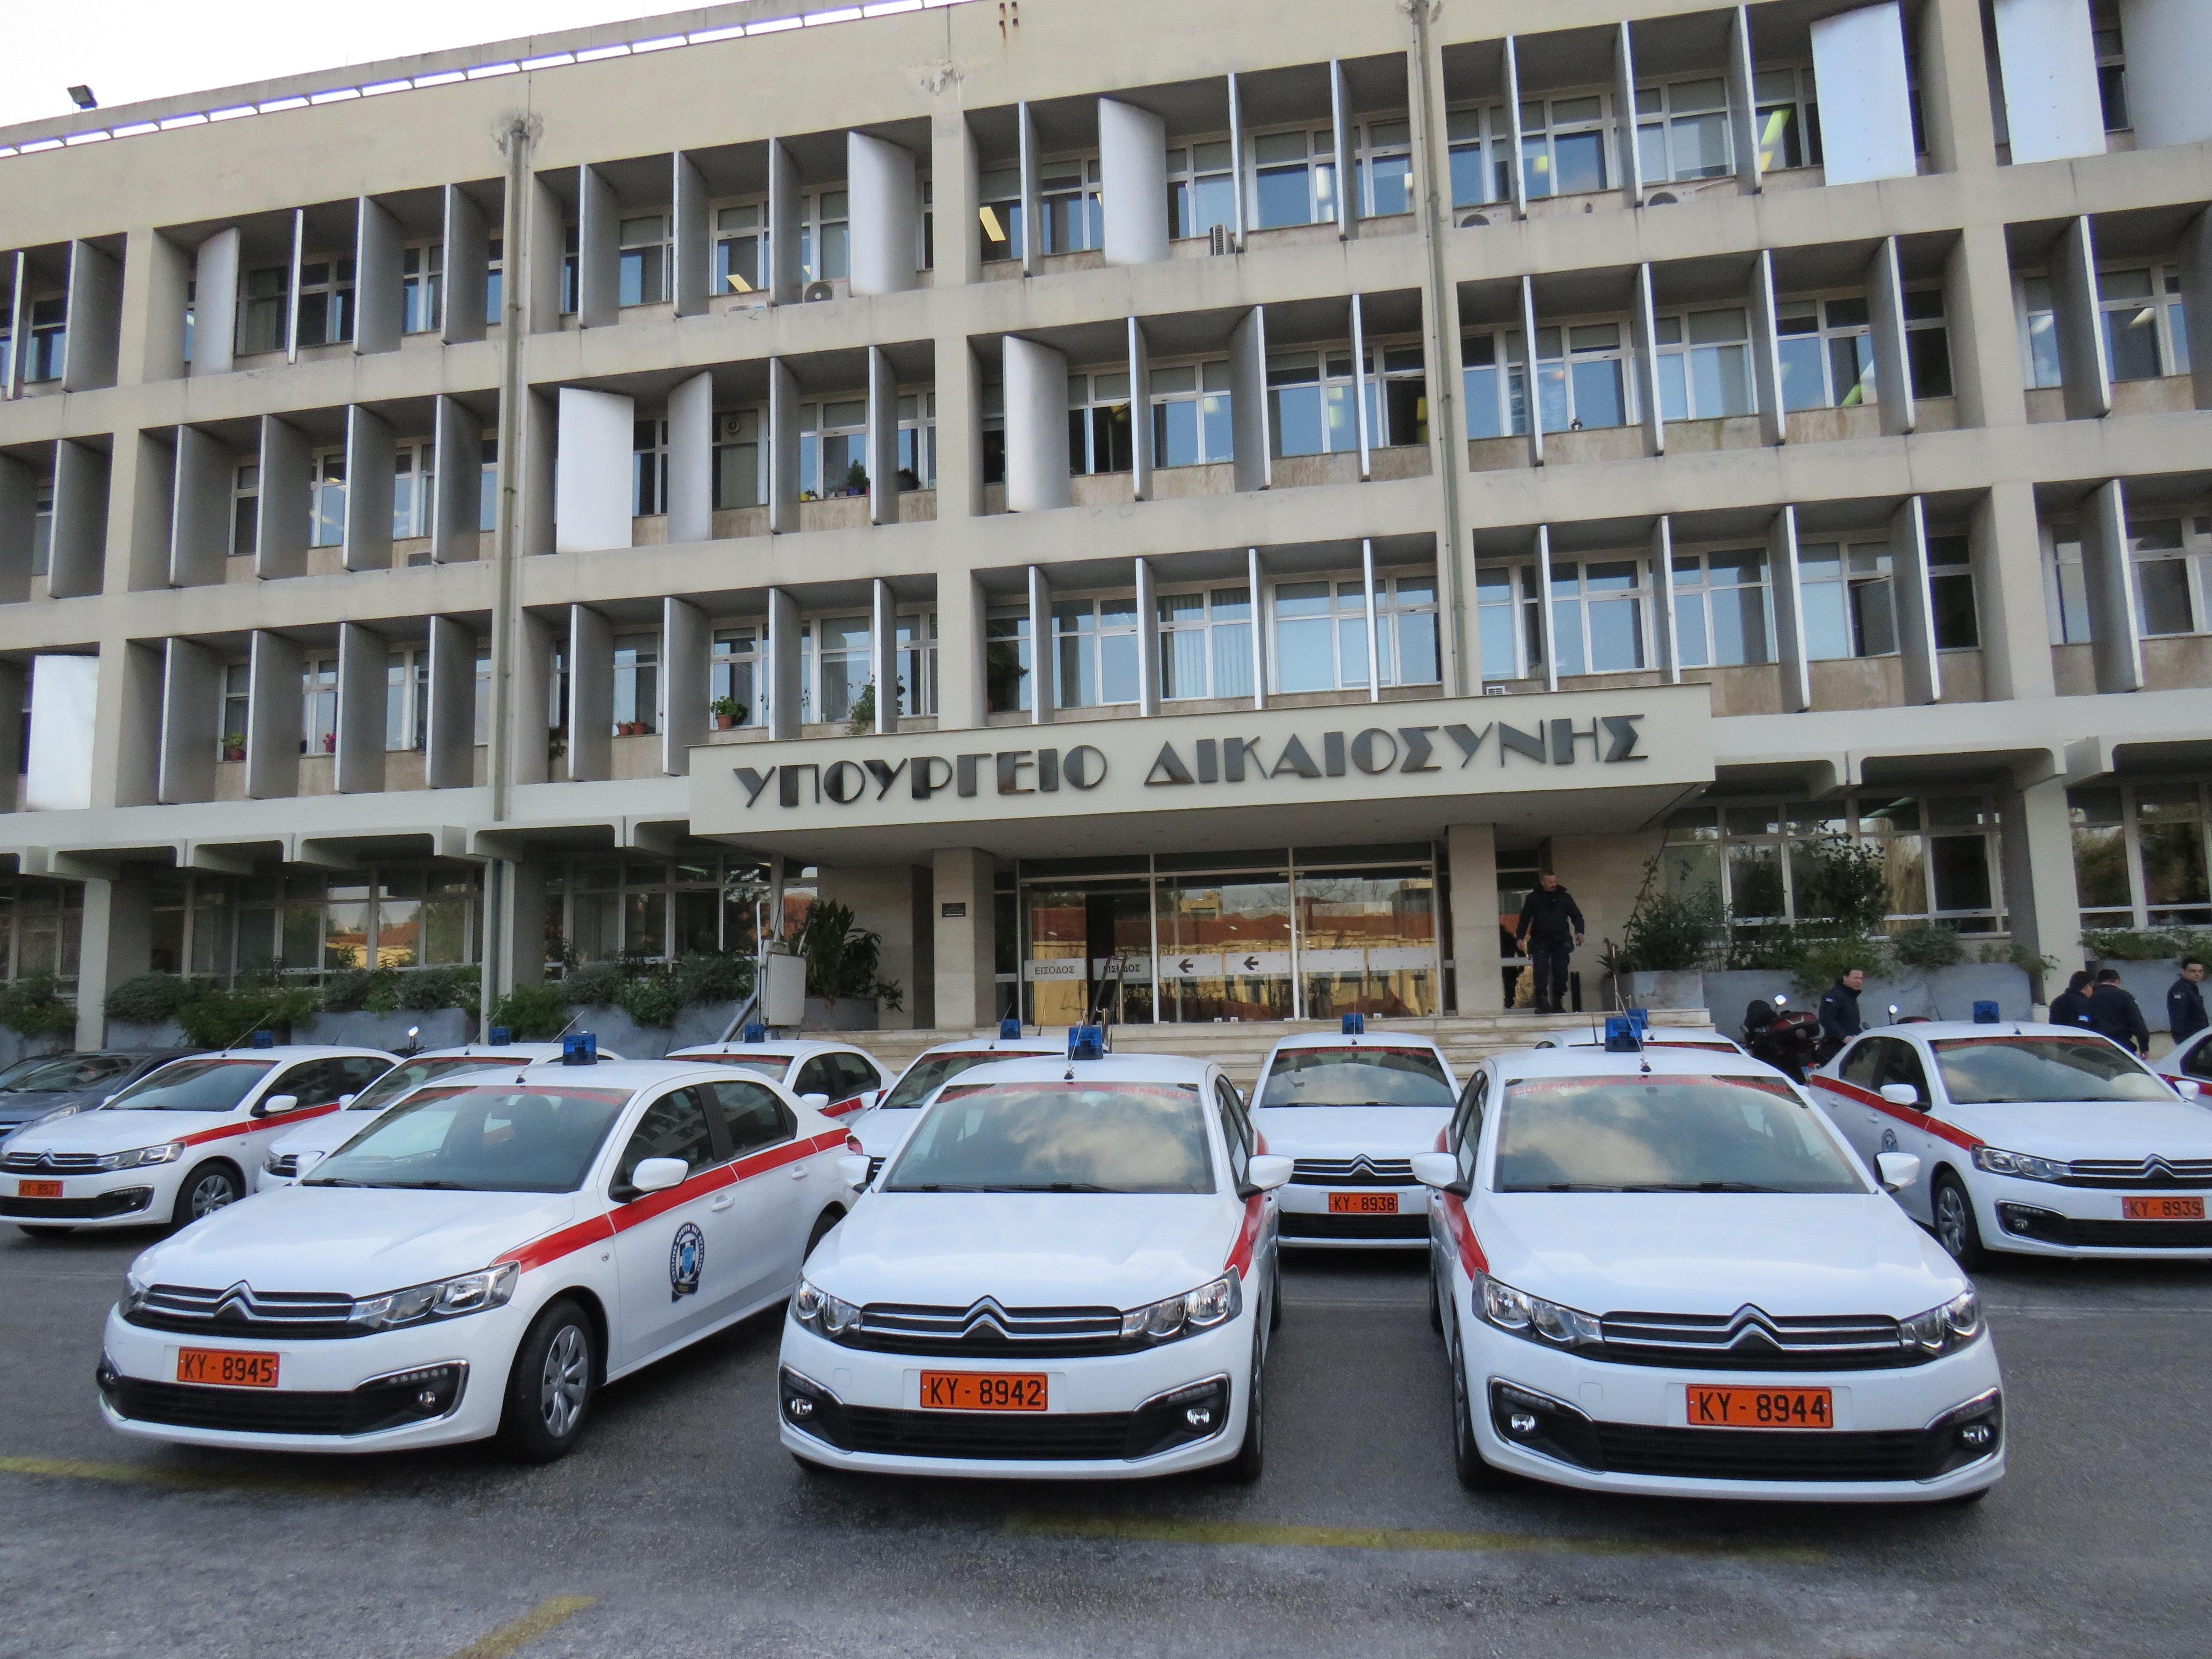 11 ολοκαίνουργια αυτοκίνητα παρέλαβε το Υπουργείο Προστασίας του Πολίτη